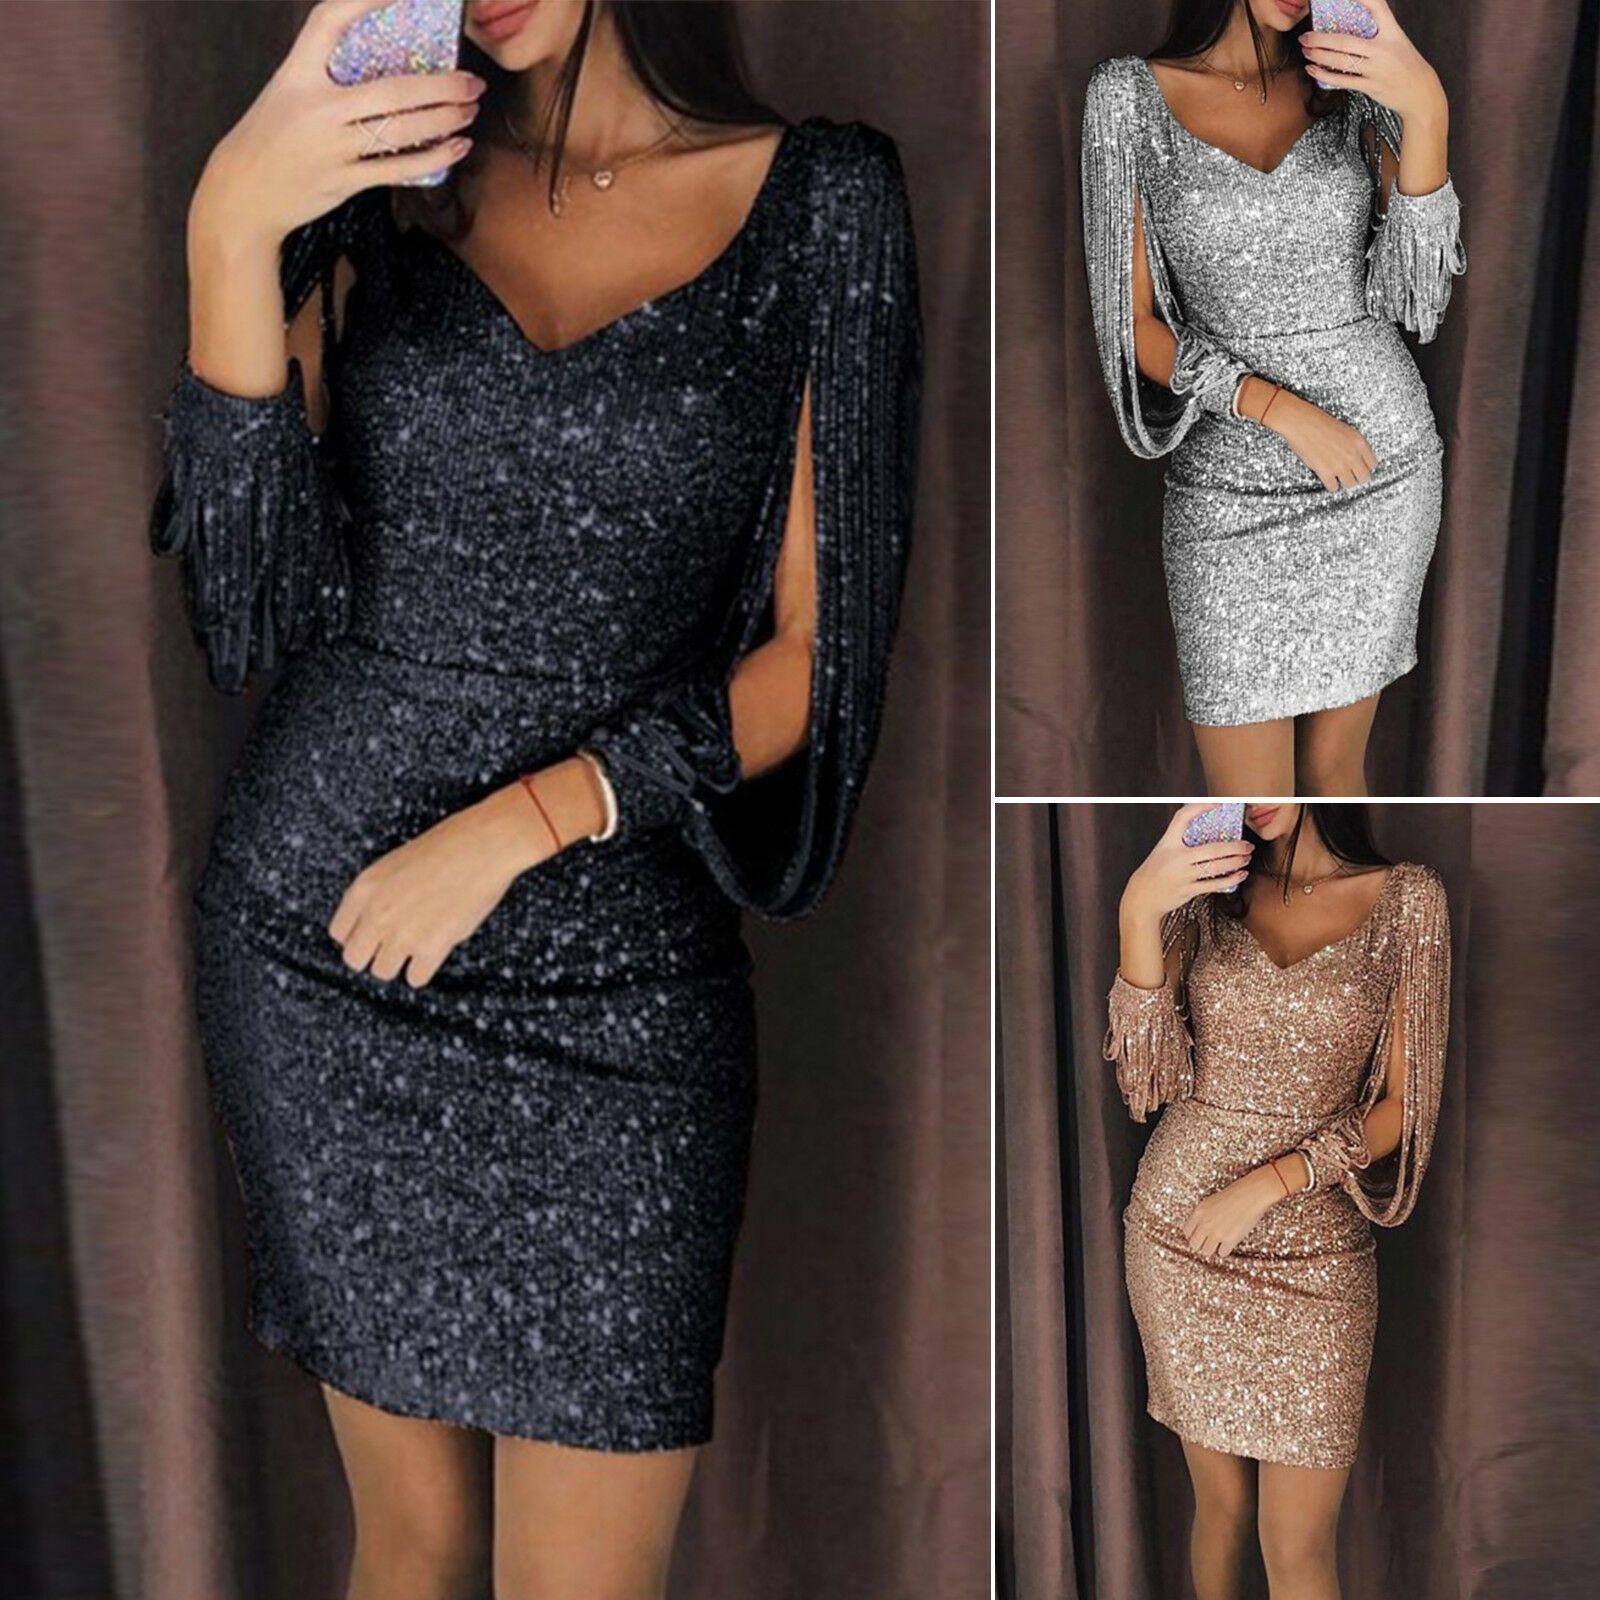 17 Wunderbar Abendkleider Pailletten Damen Kleider Stylish17 Fantastisch Abendkleider Pailletten Damen Kleider Vertrieb